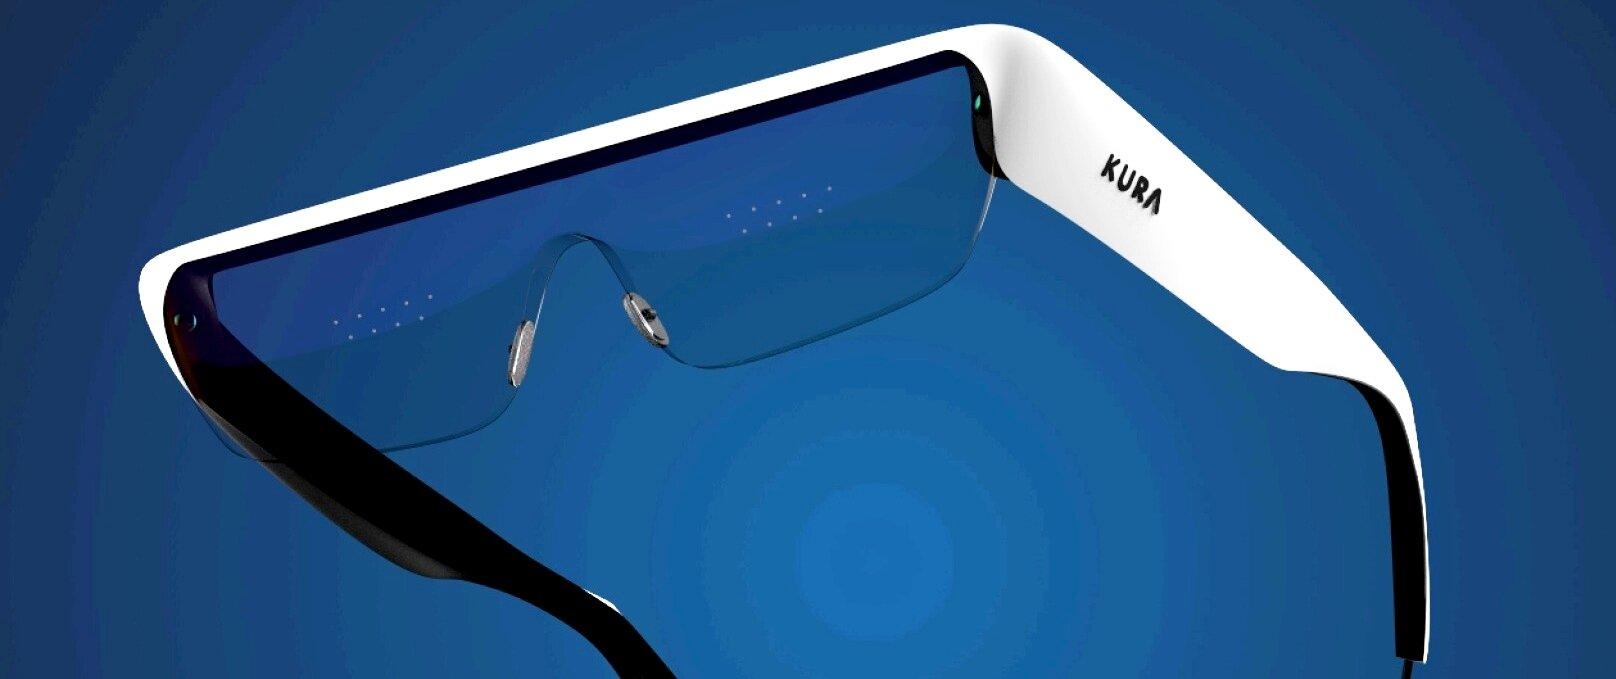 KURA Gallium AR Glasses